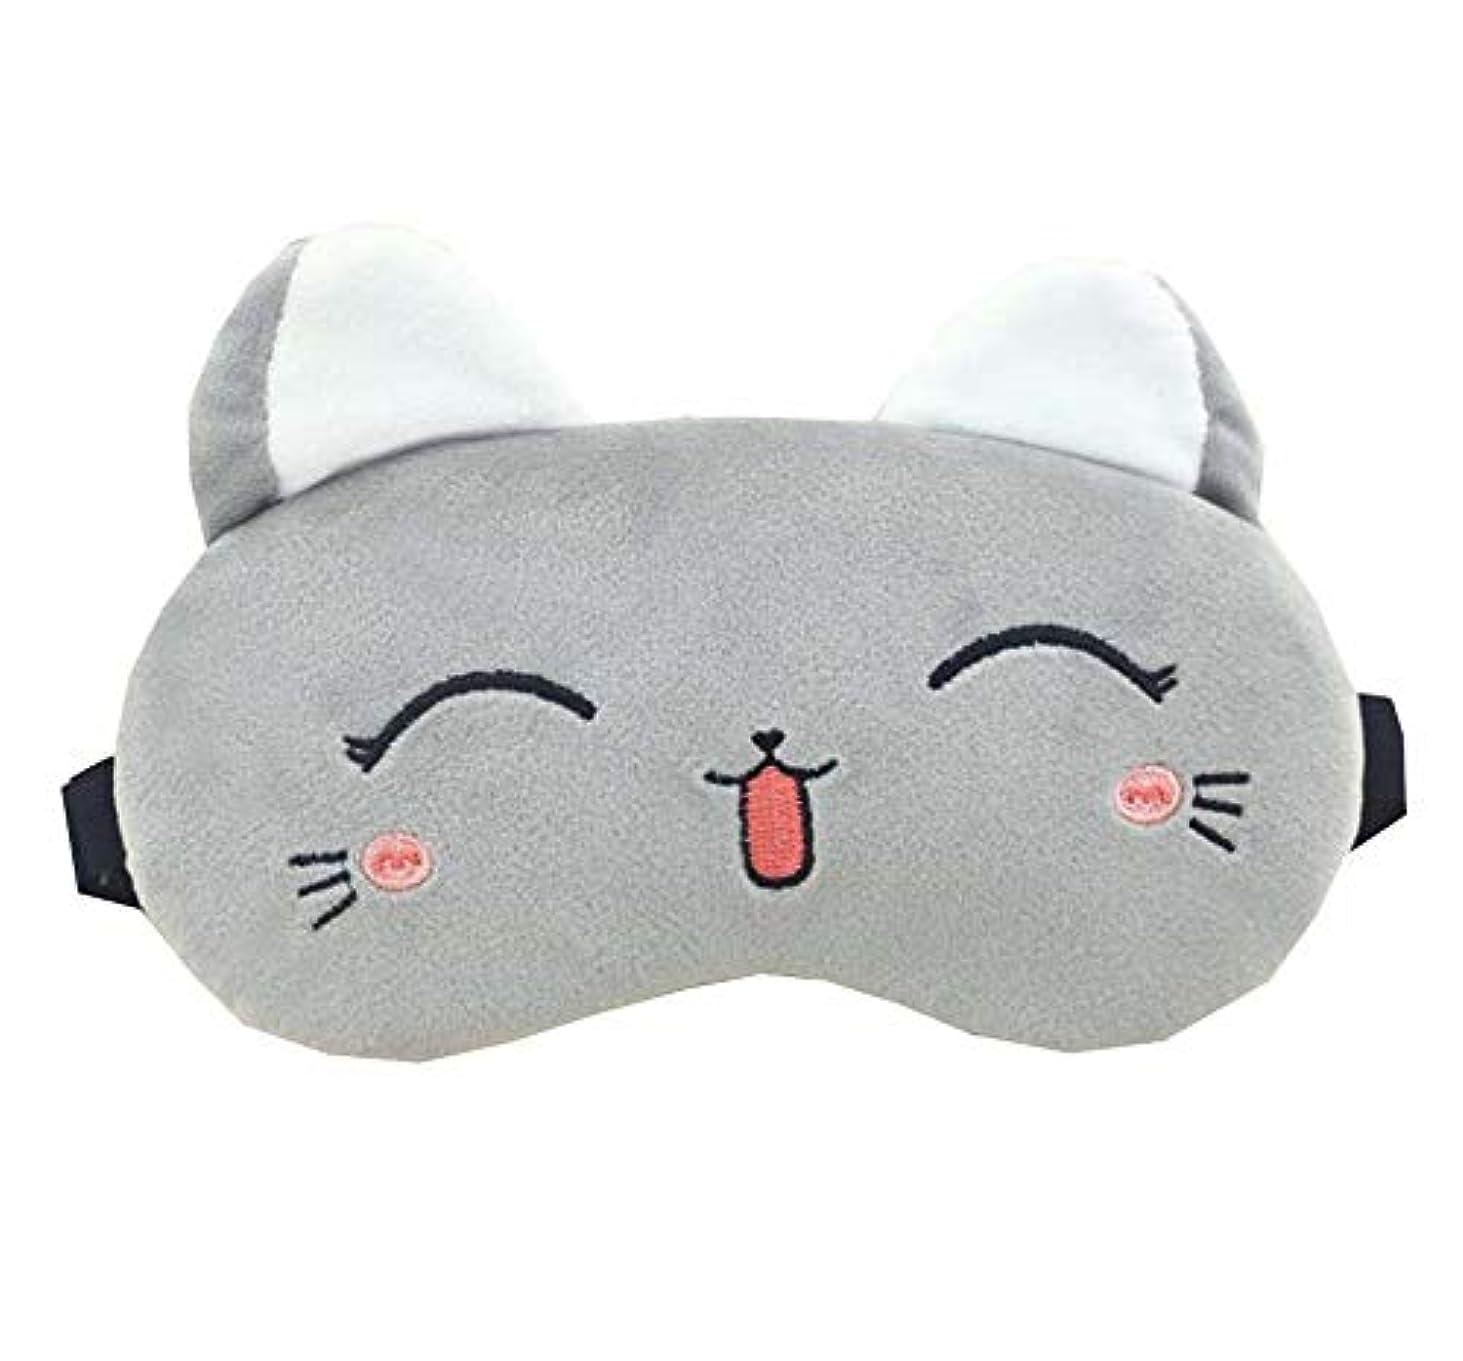 ネット振り向くモード女の子の旅行スリーピングアイシェード - 目隠しナップカバーアイマスクの改善睡眠、A